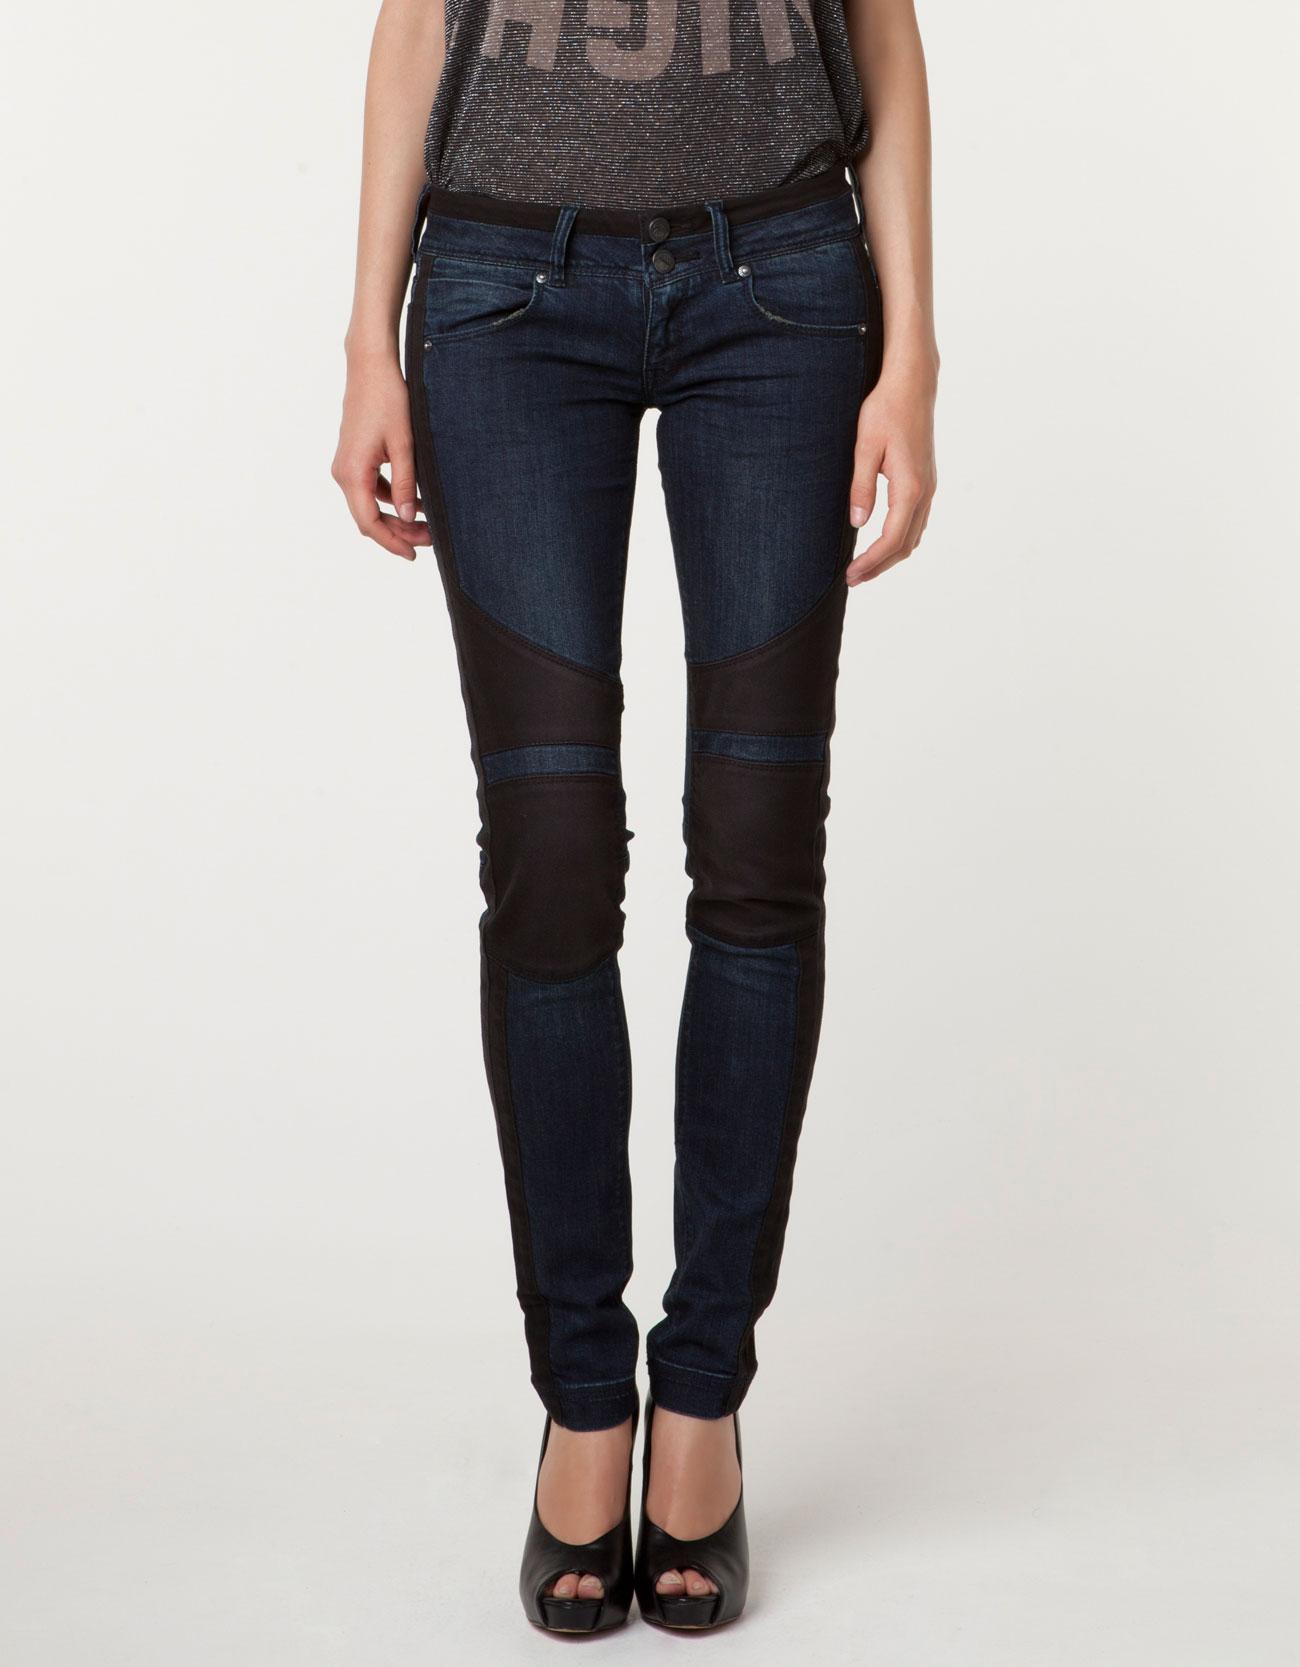 Jeans bershka bicolore